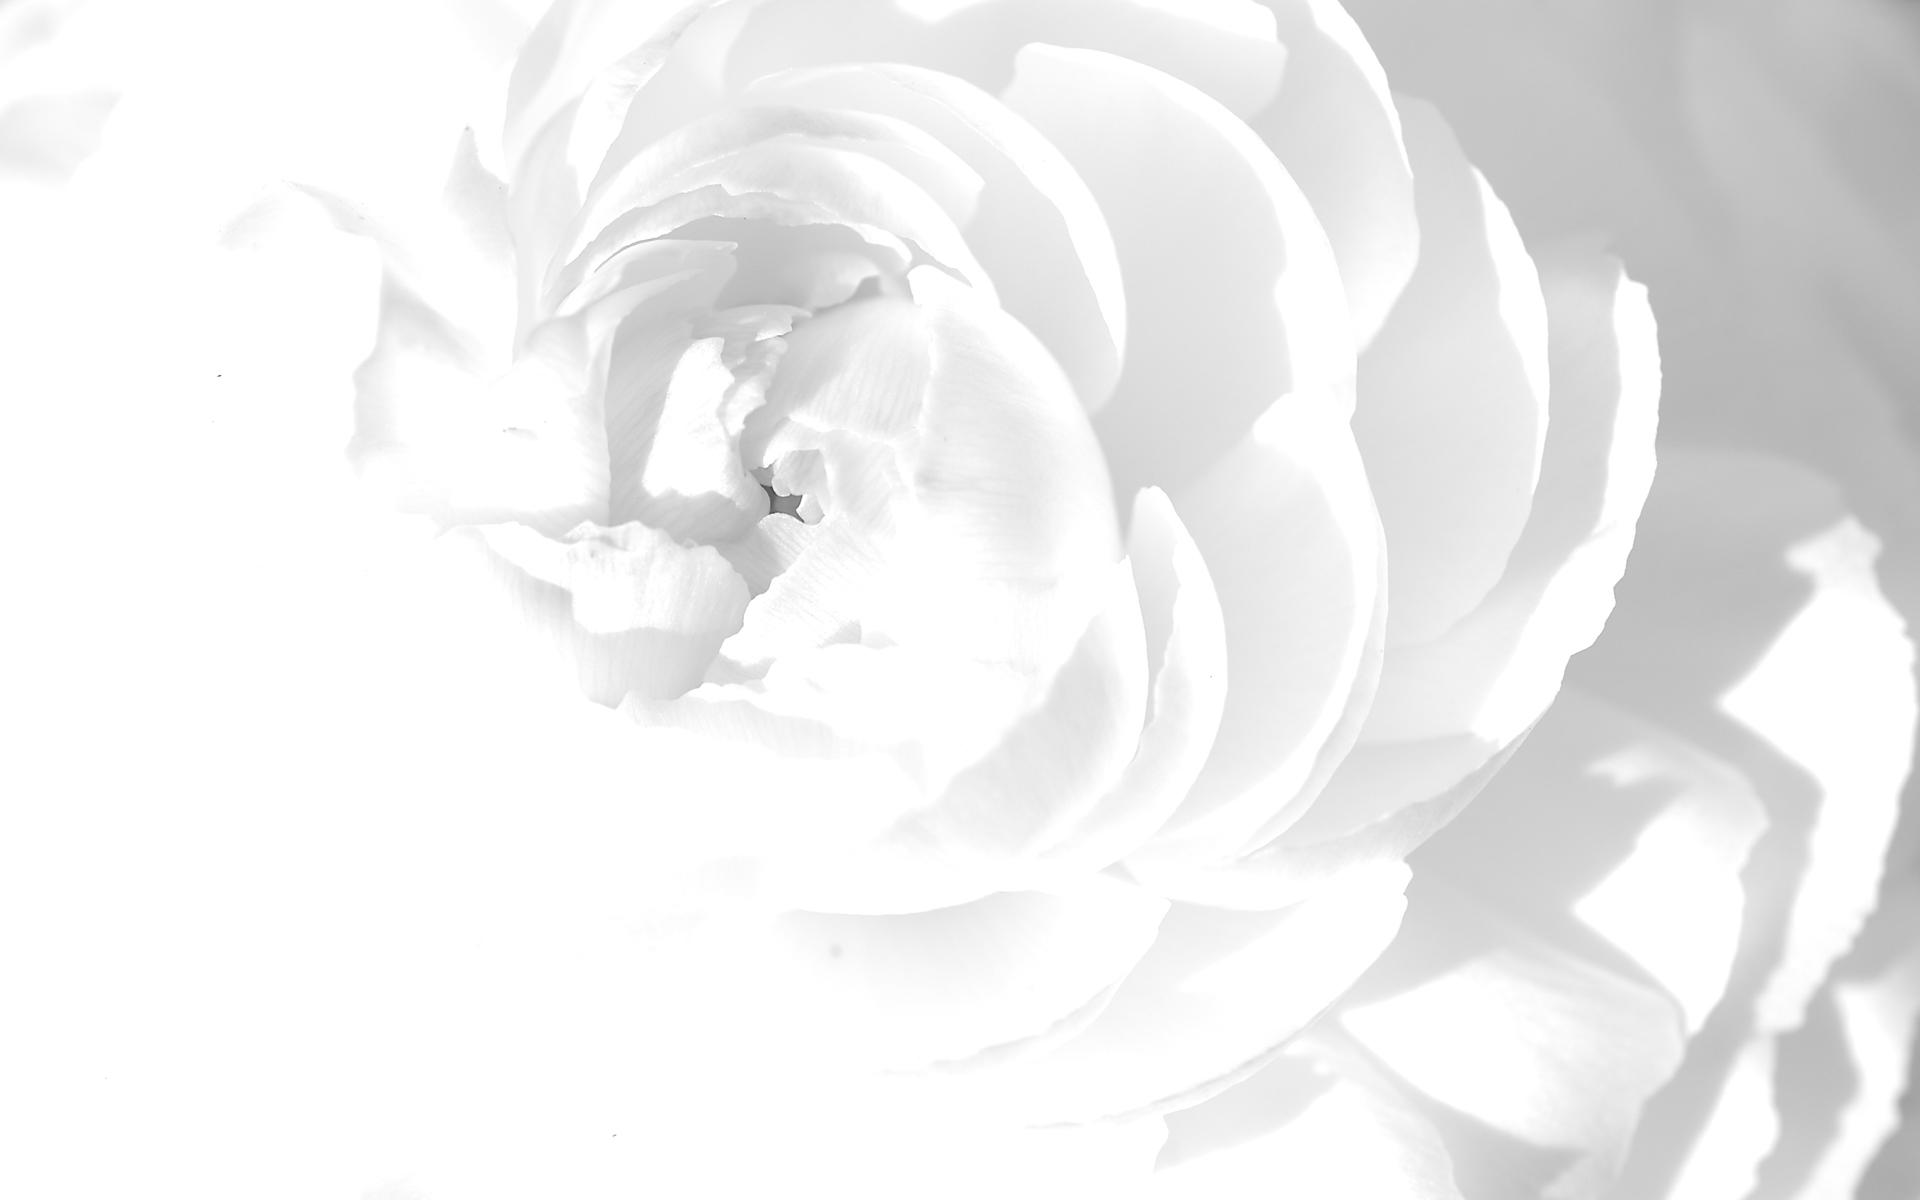 Hình nền trắng đẹp (36)